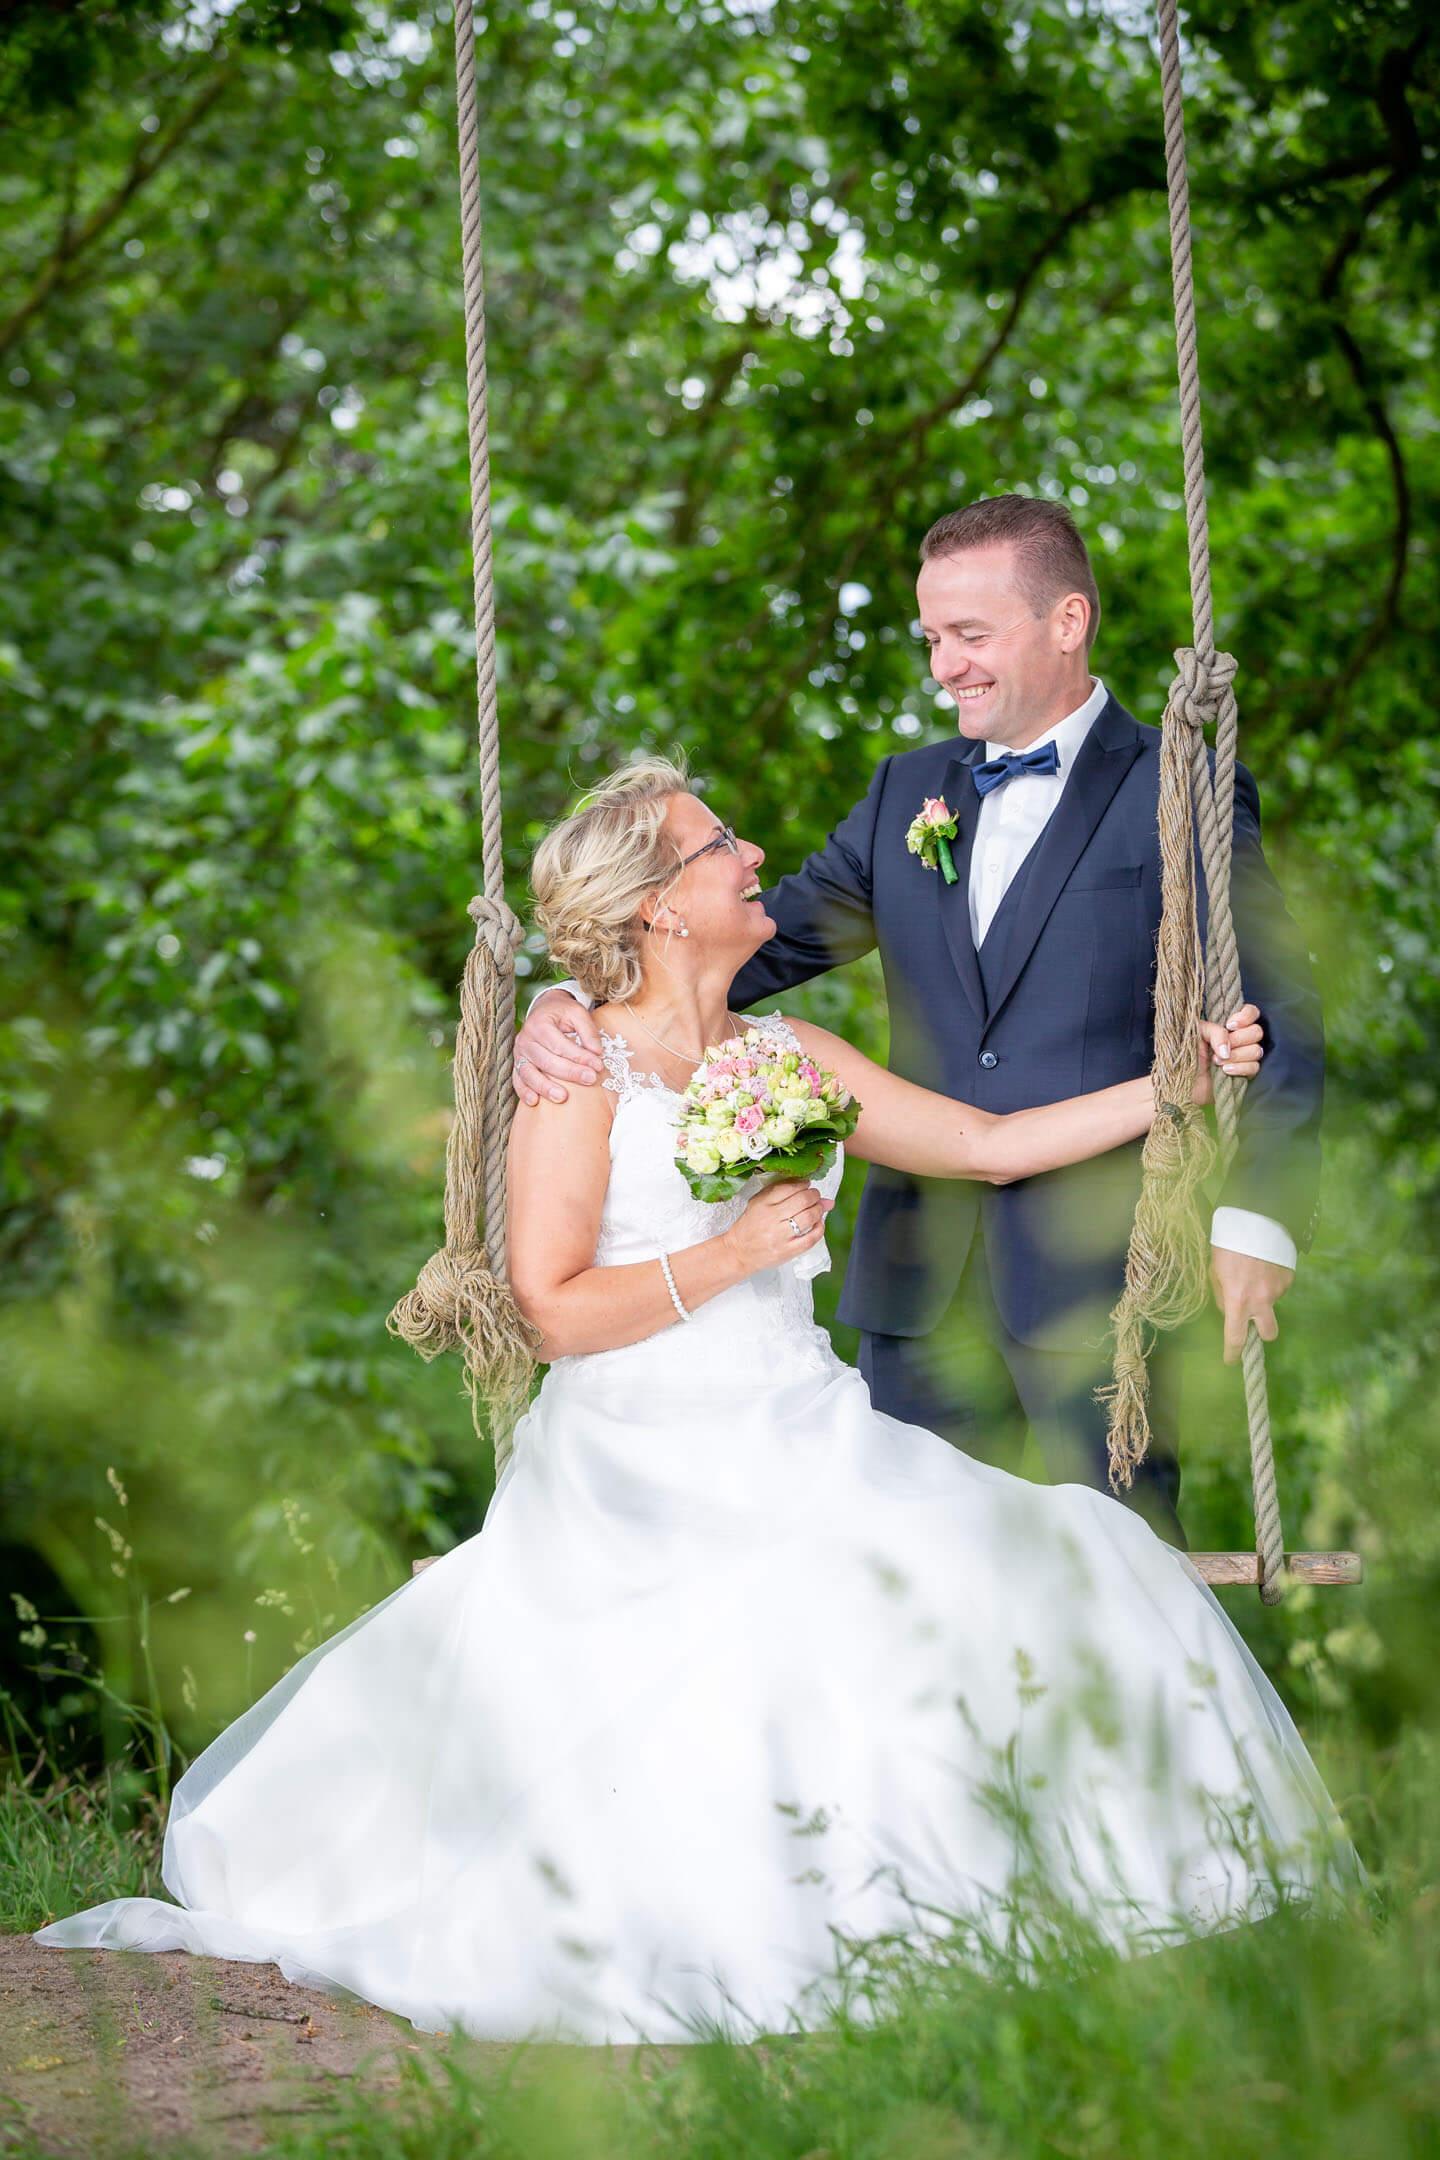 Hochzeitsfotograf Florian Läufer hat dieses Paar auf einer Schaukel abgelichtet